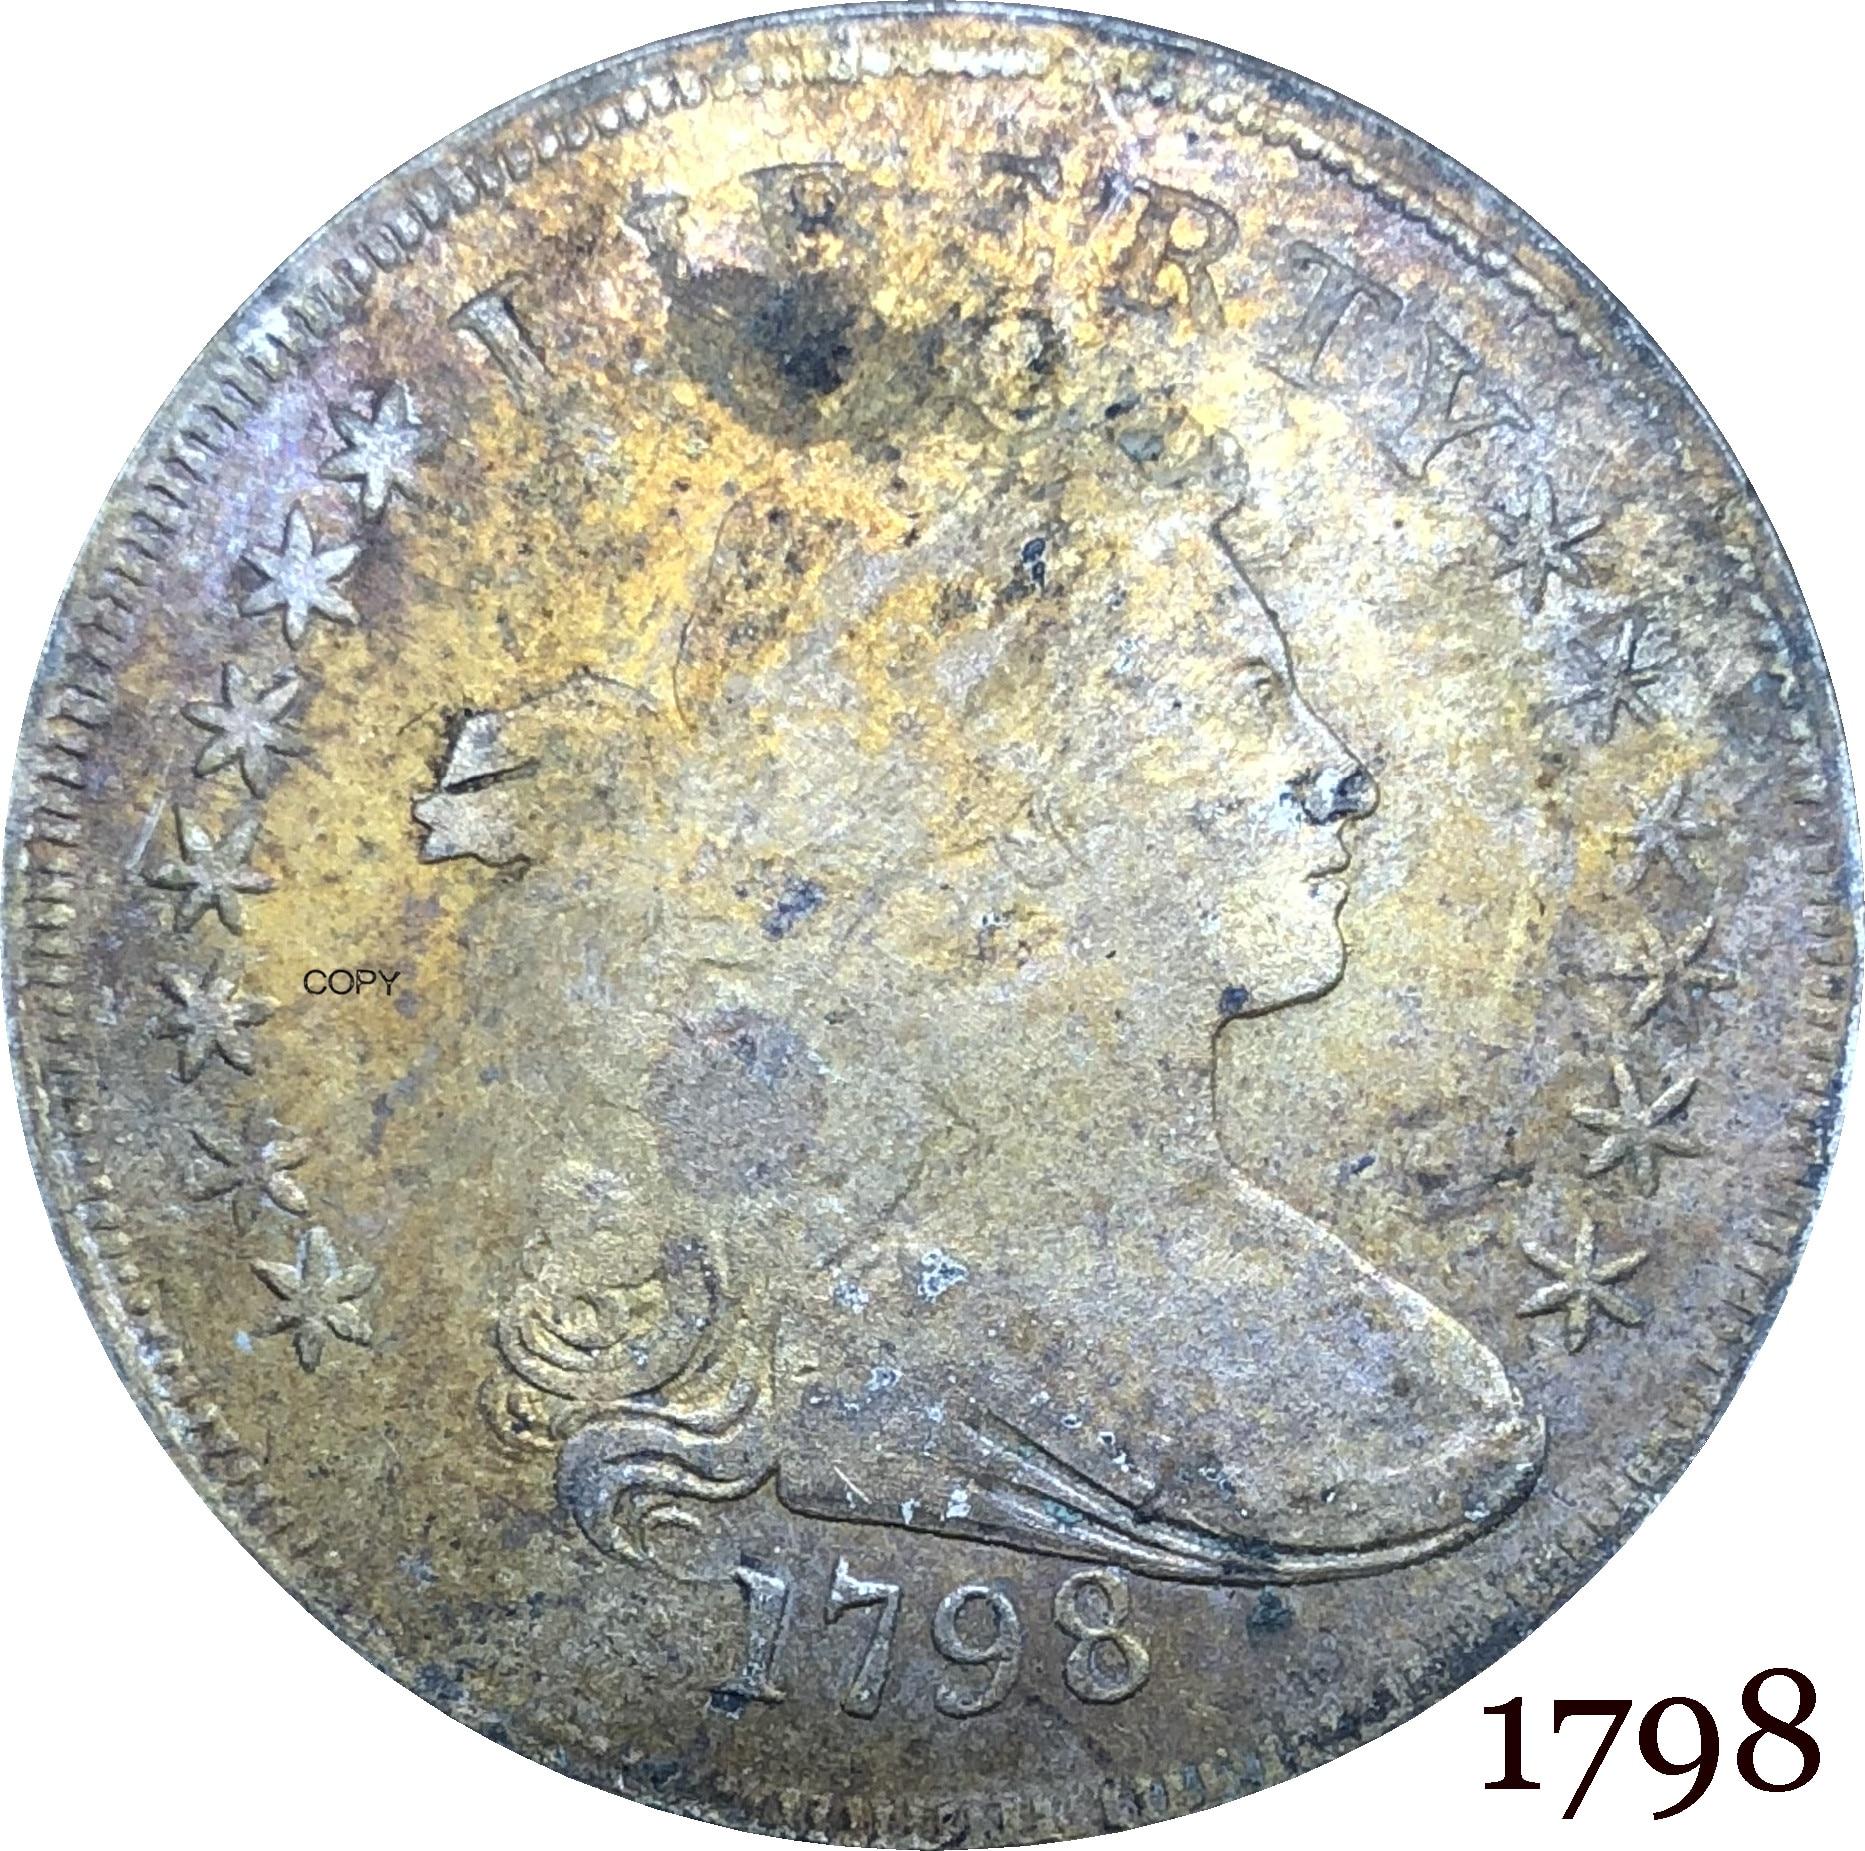 Соединенные Штаты 1798 драпированный бюст свобода один доллар геральный Орел купроникель посеребренные копировальные монеты